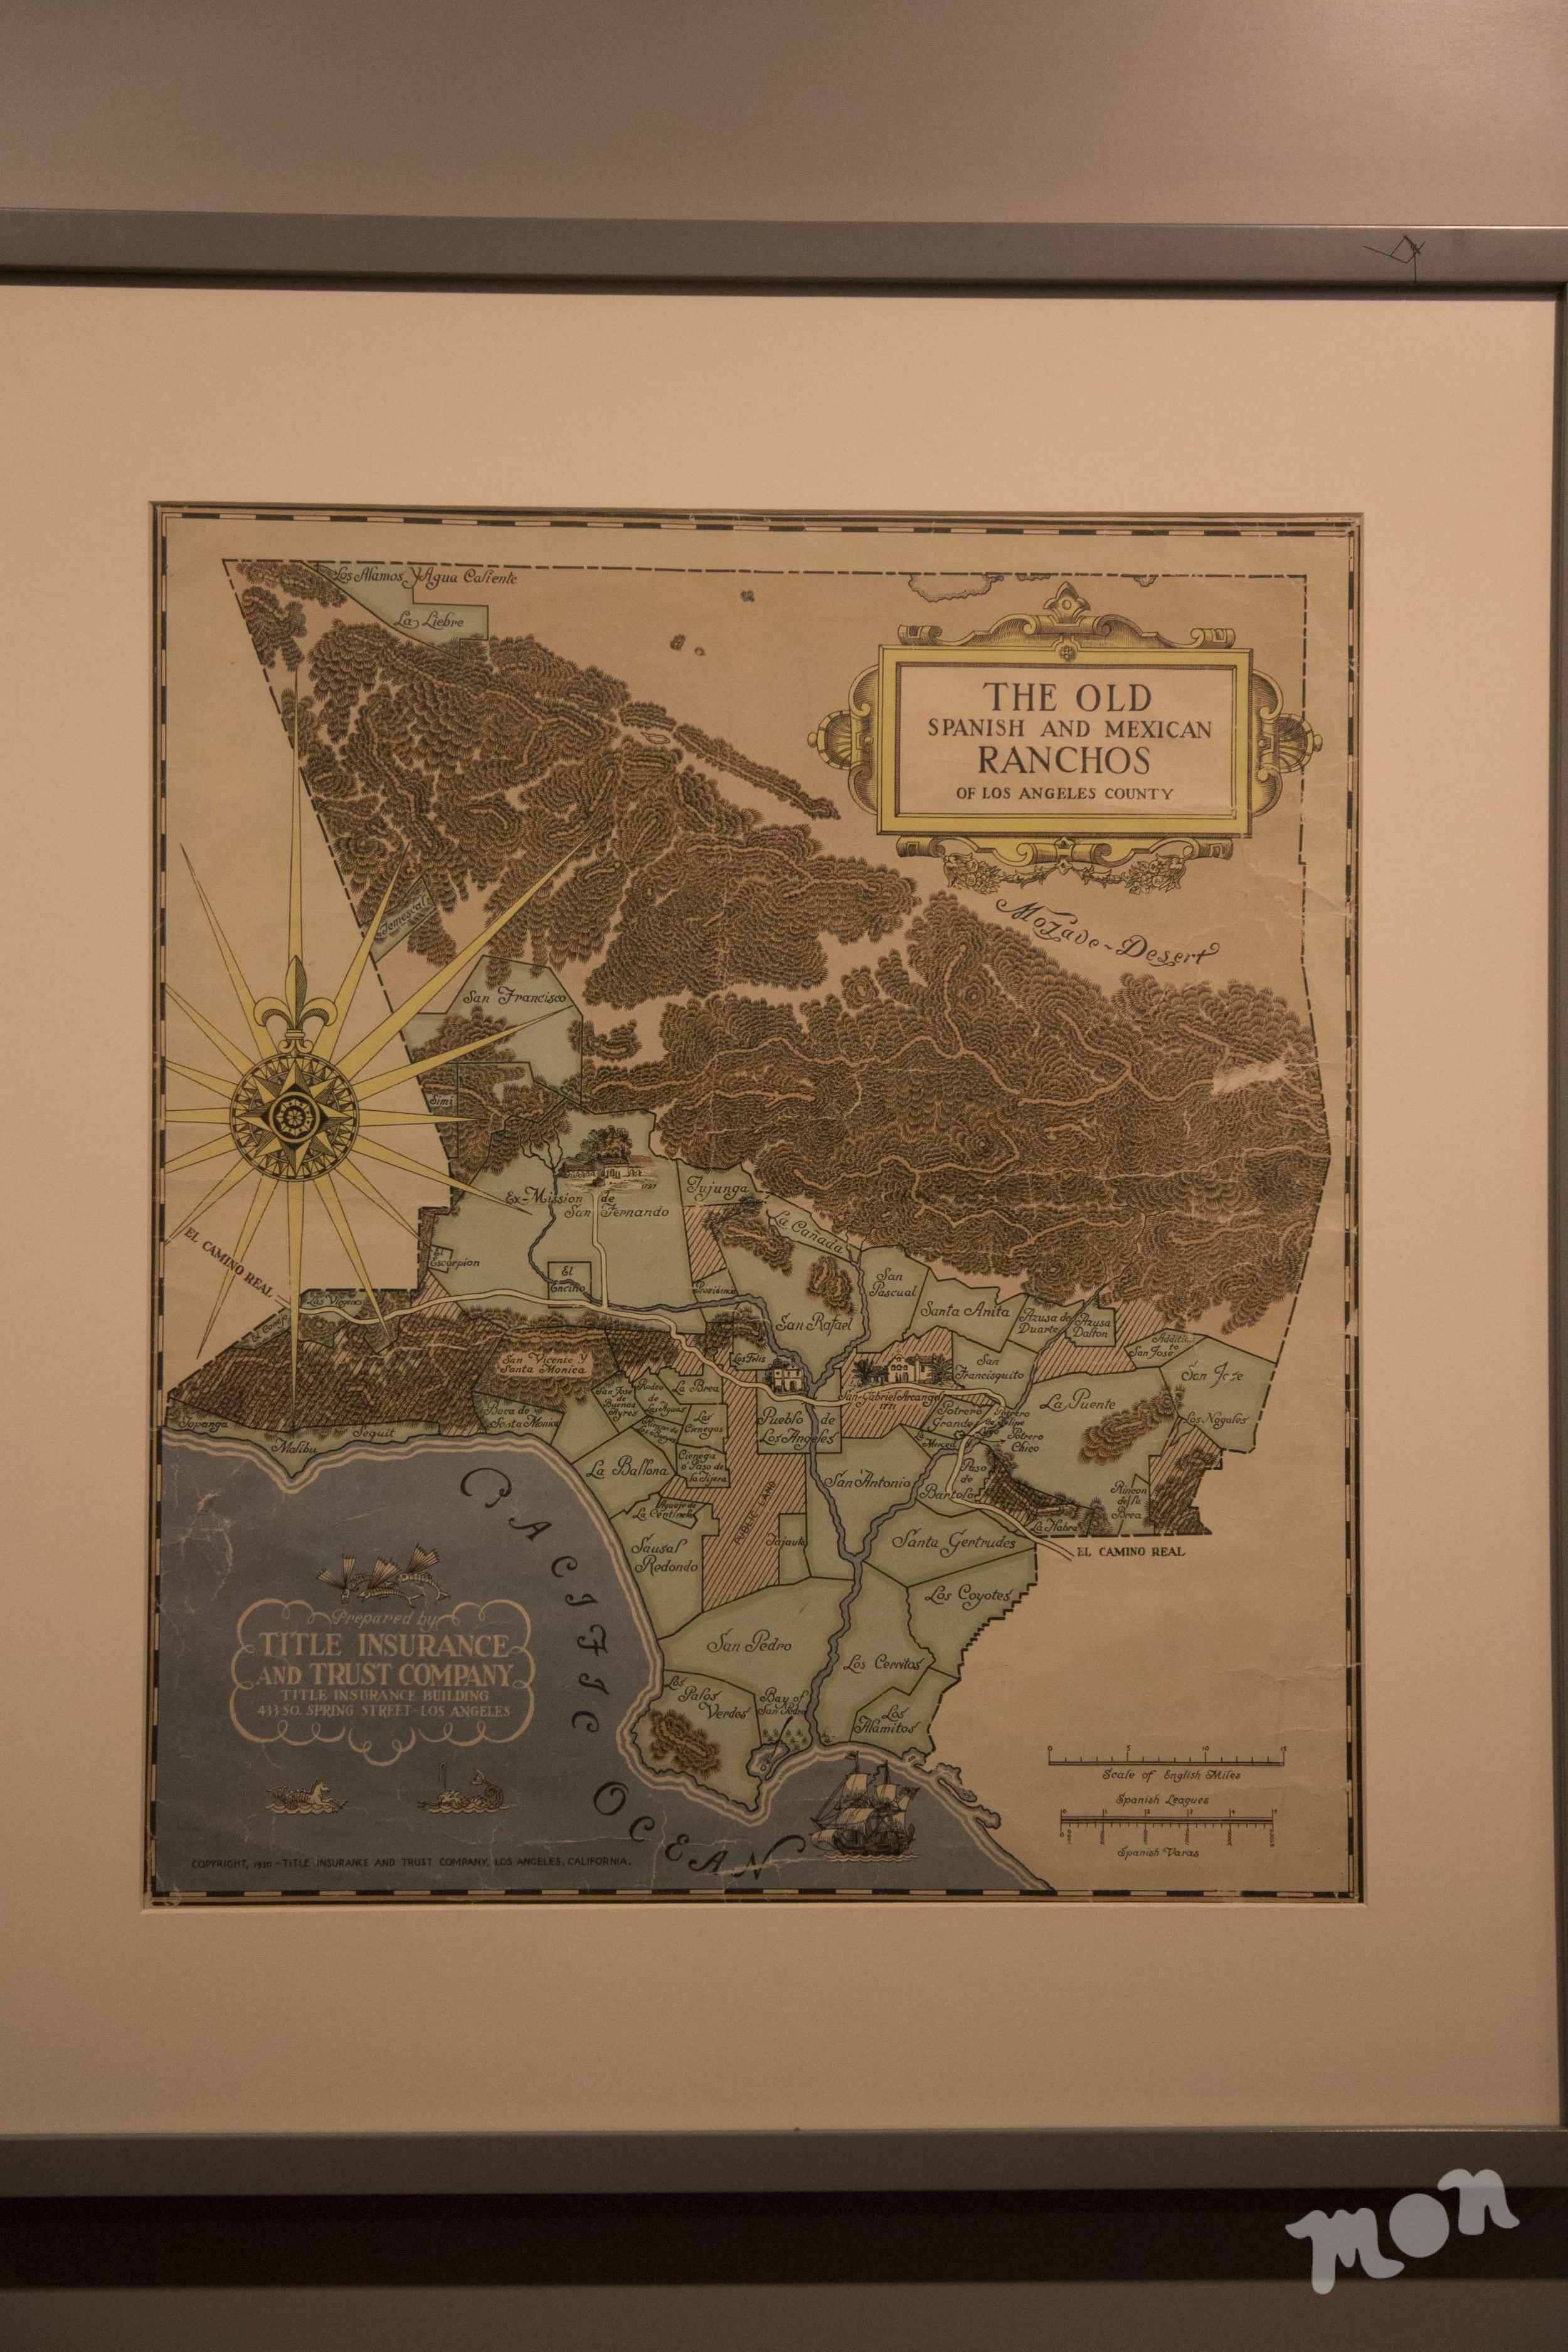 Rancho Map of Southern California